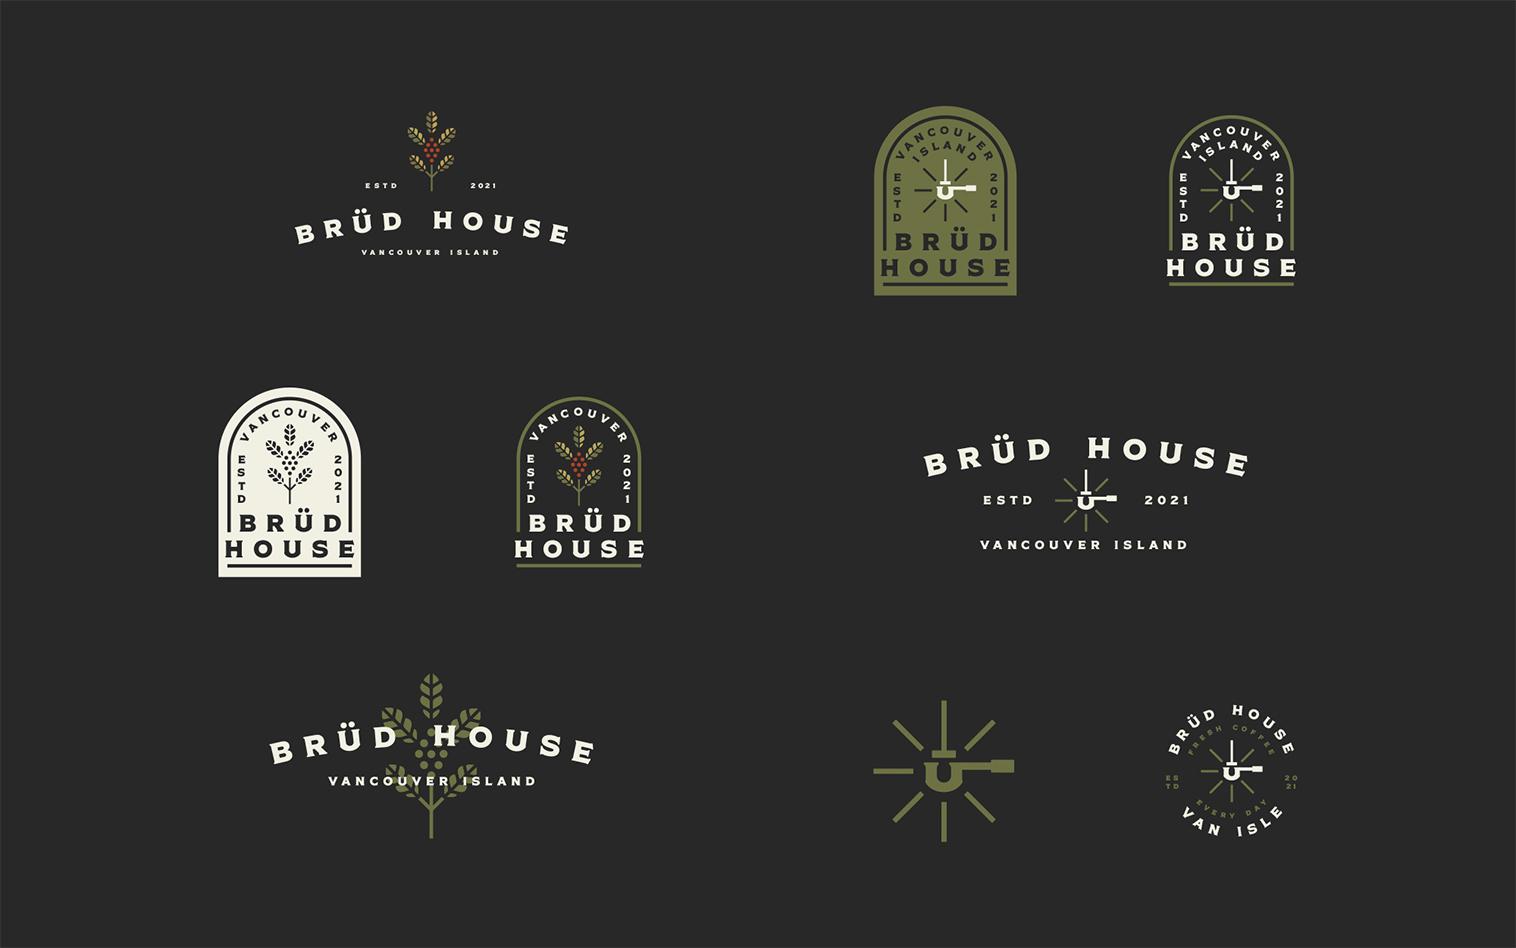 Branding for Brud House Community-Based Hub